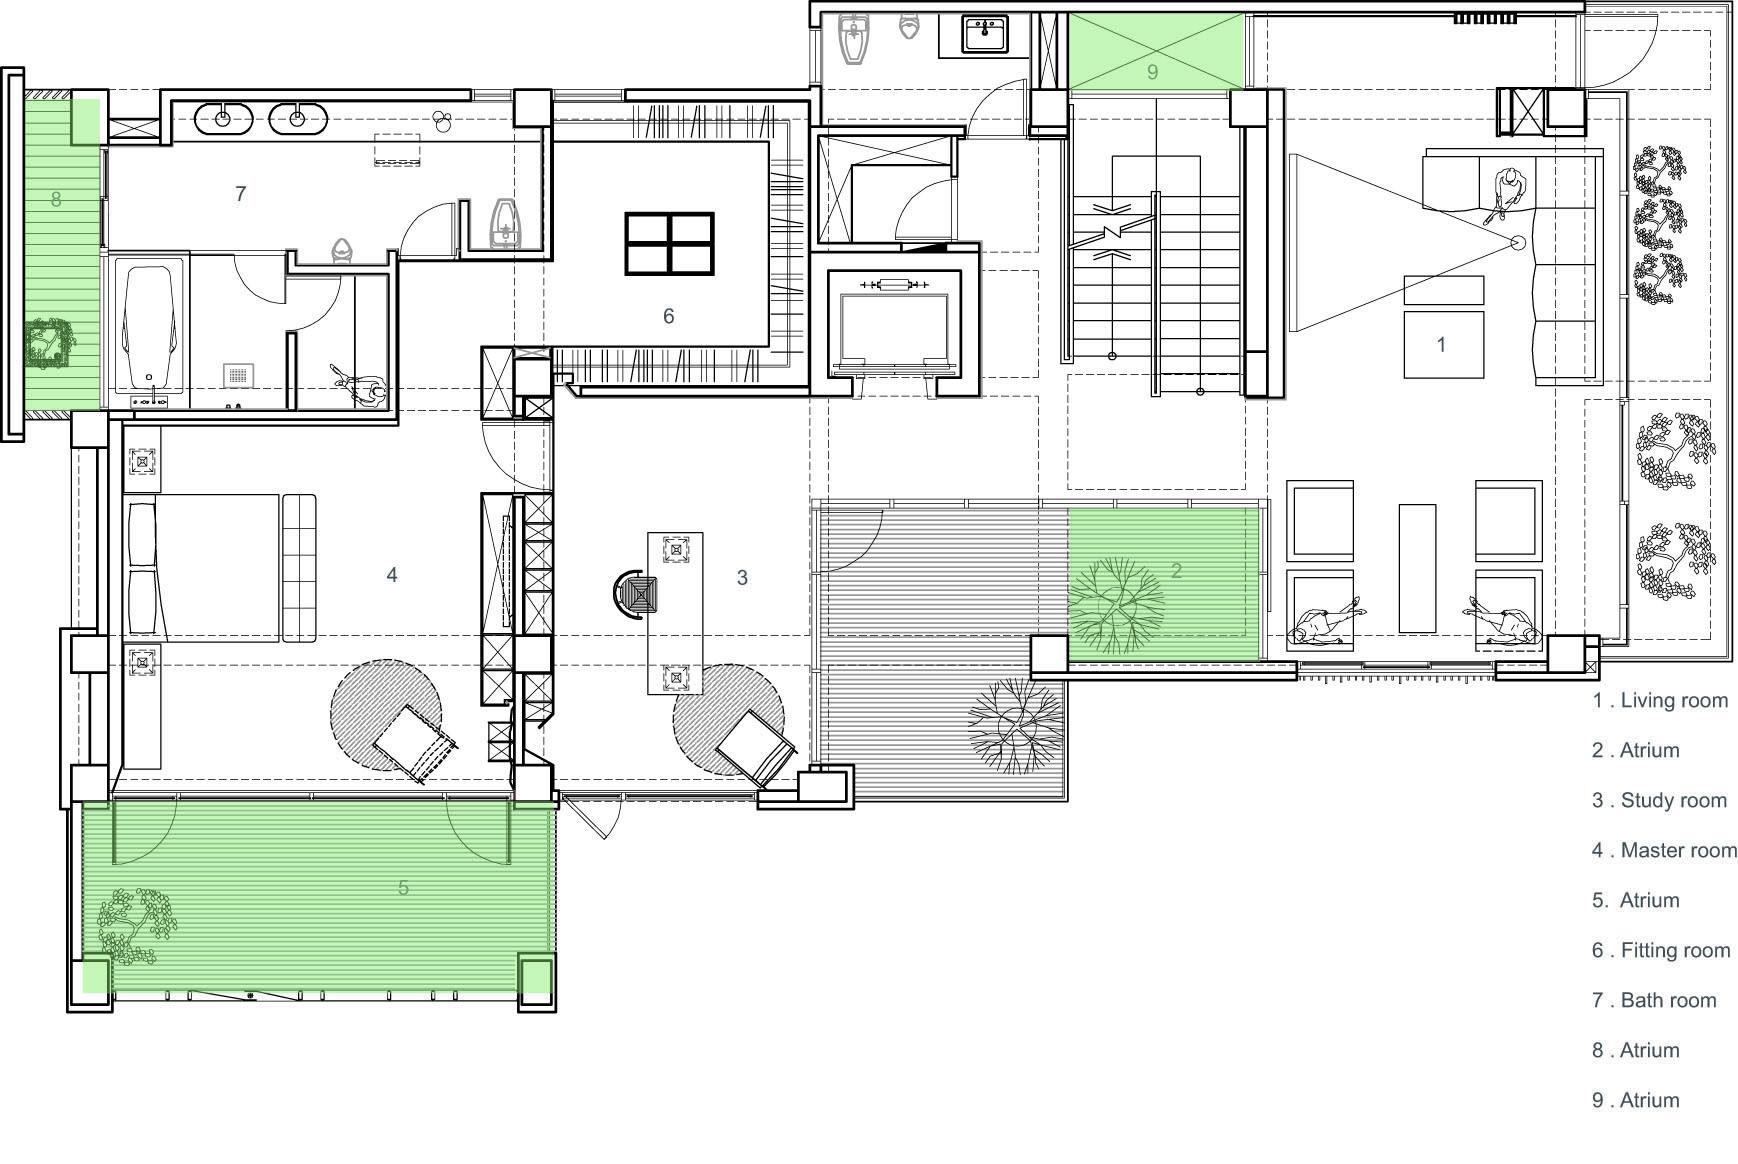 画廊 - 垂直森林 / 水相設計 - 31